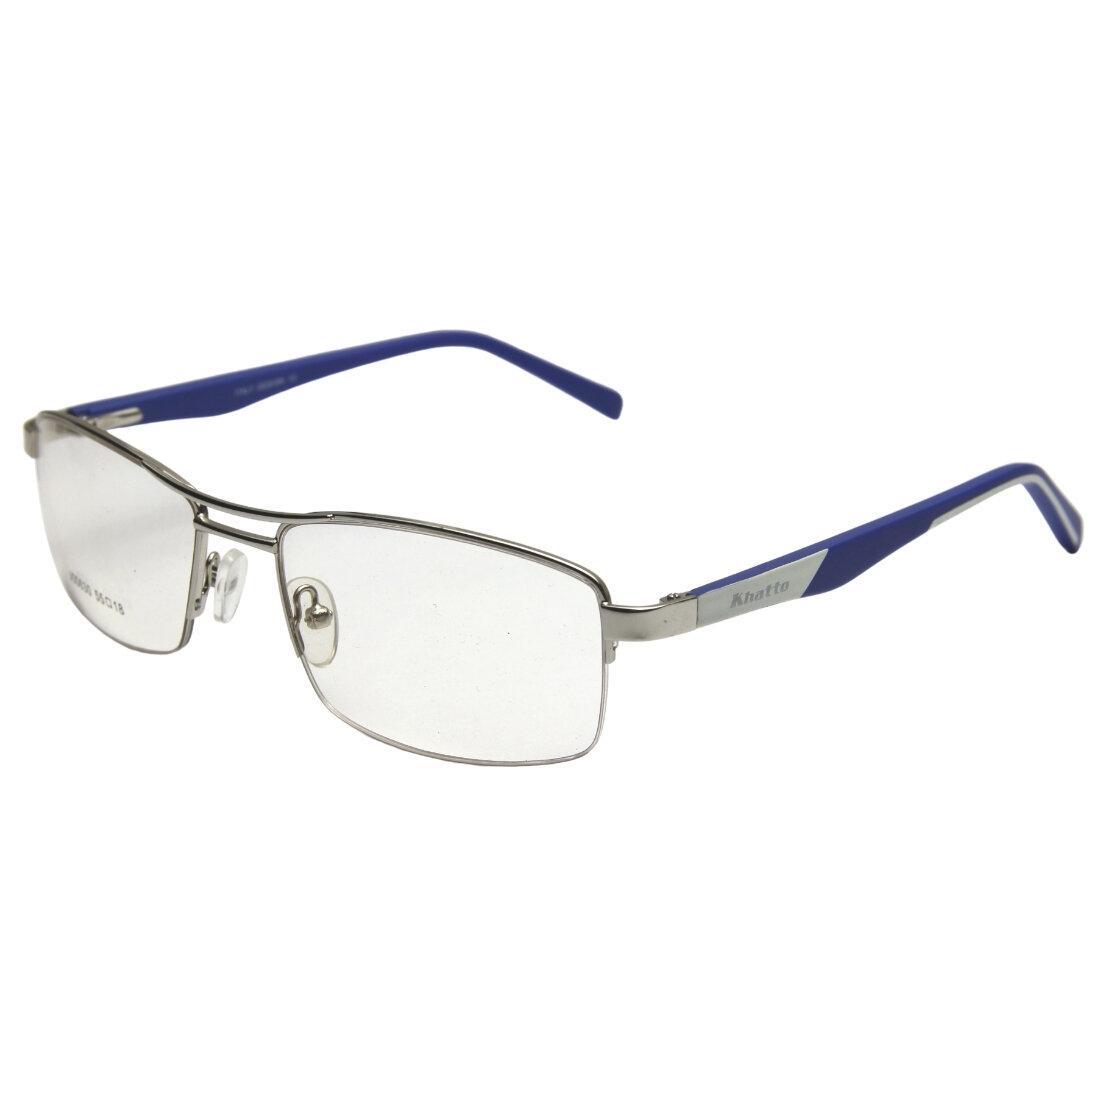 Armação de Óculos Khatto Fusion basical - PU